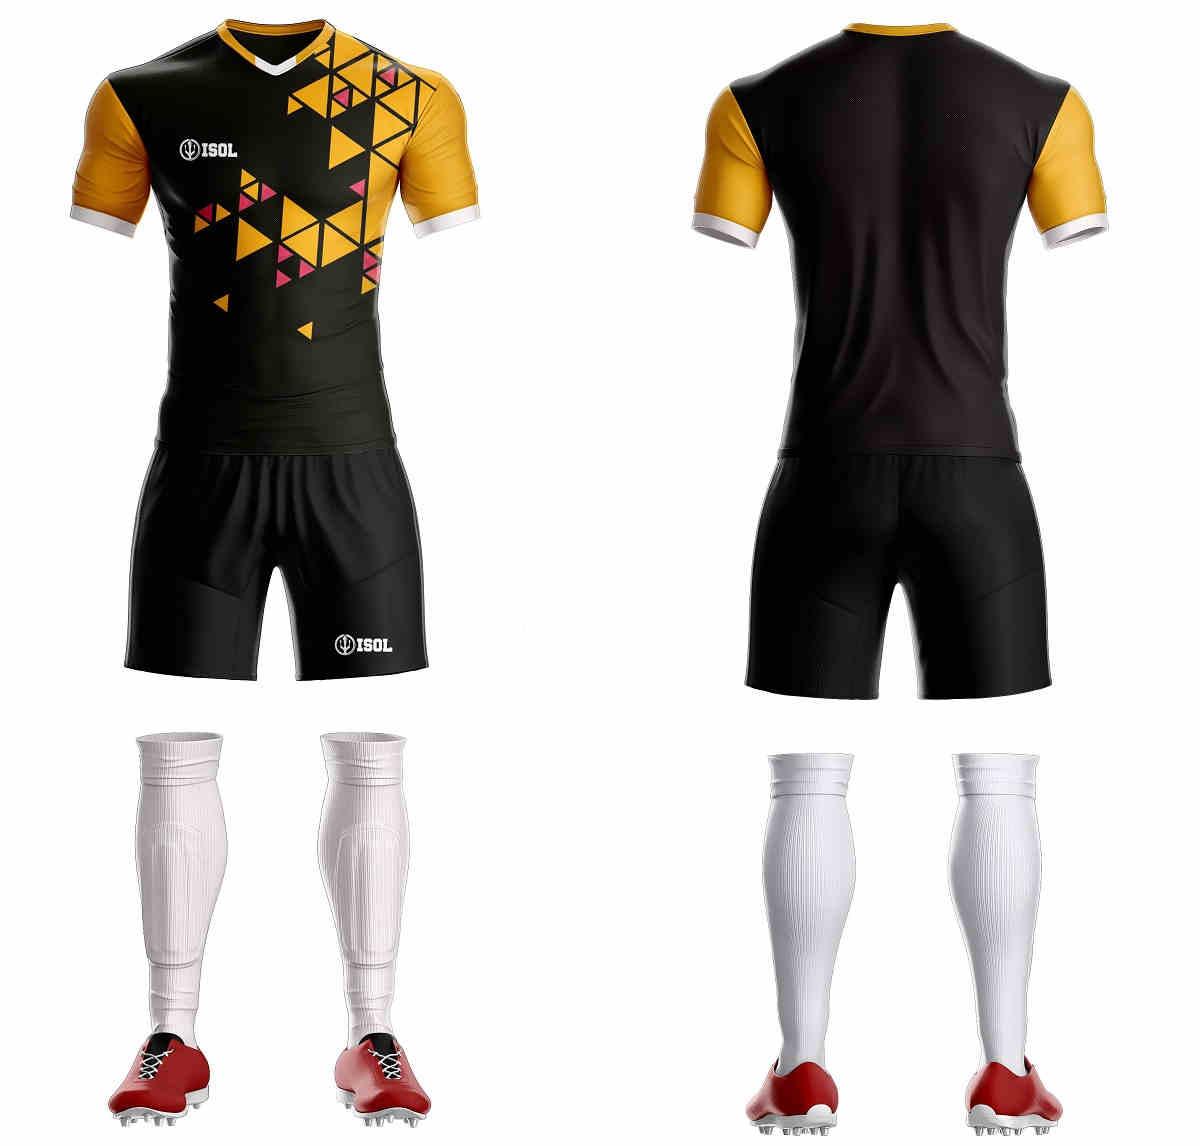 konveksi jersey futsal bandung